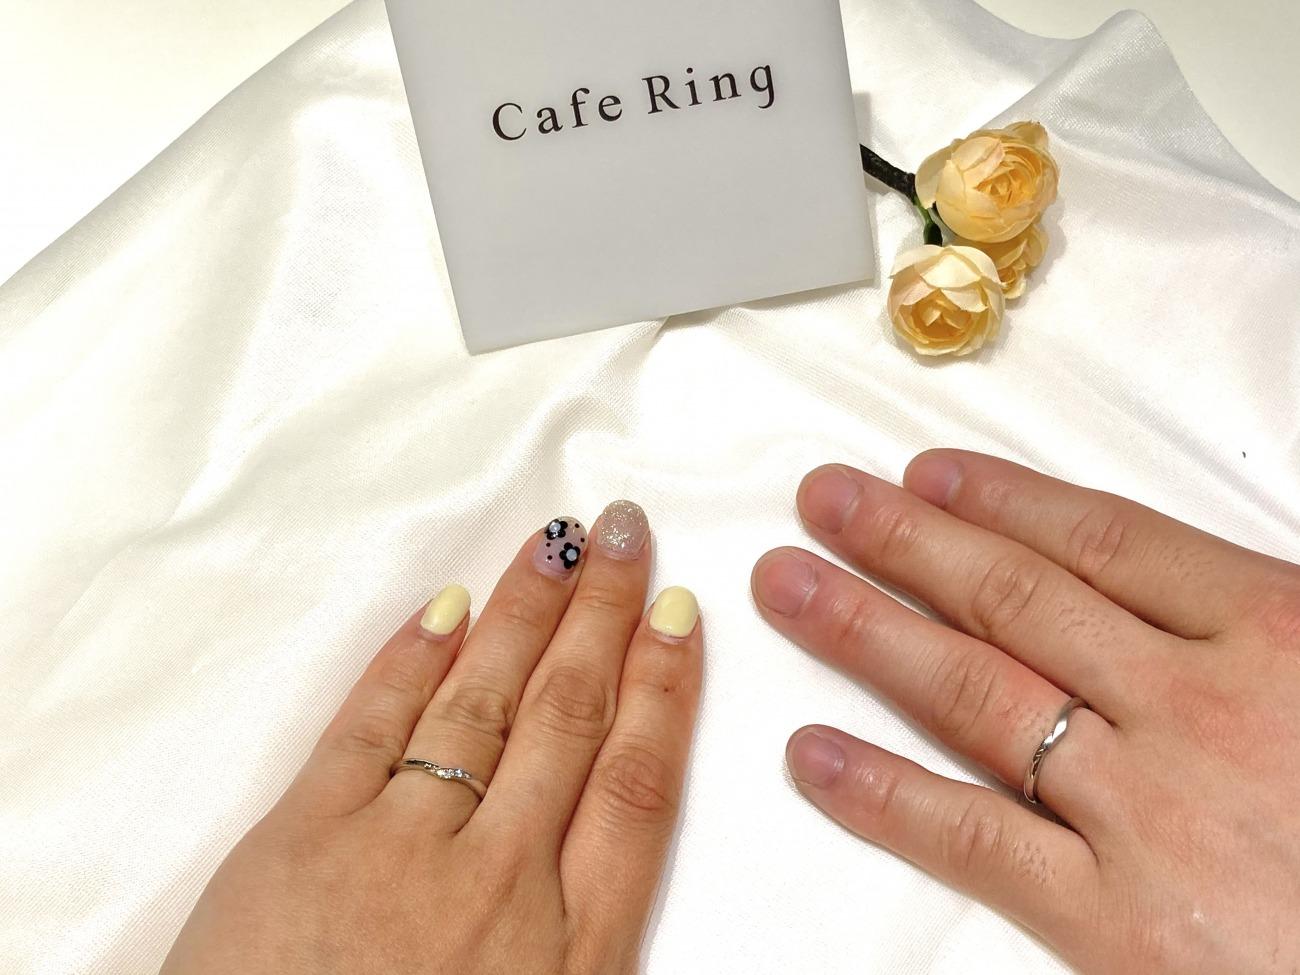 細身のスッキリとした結婚指輪カフェリングのシェリ